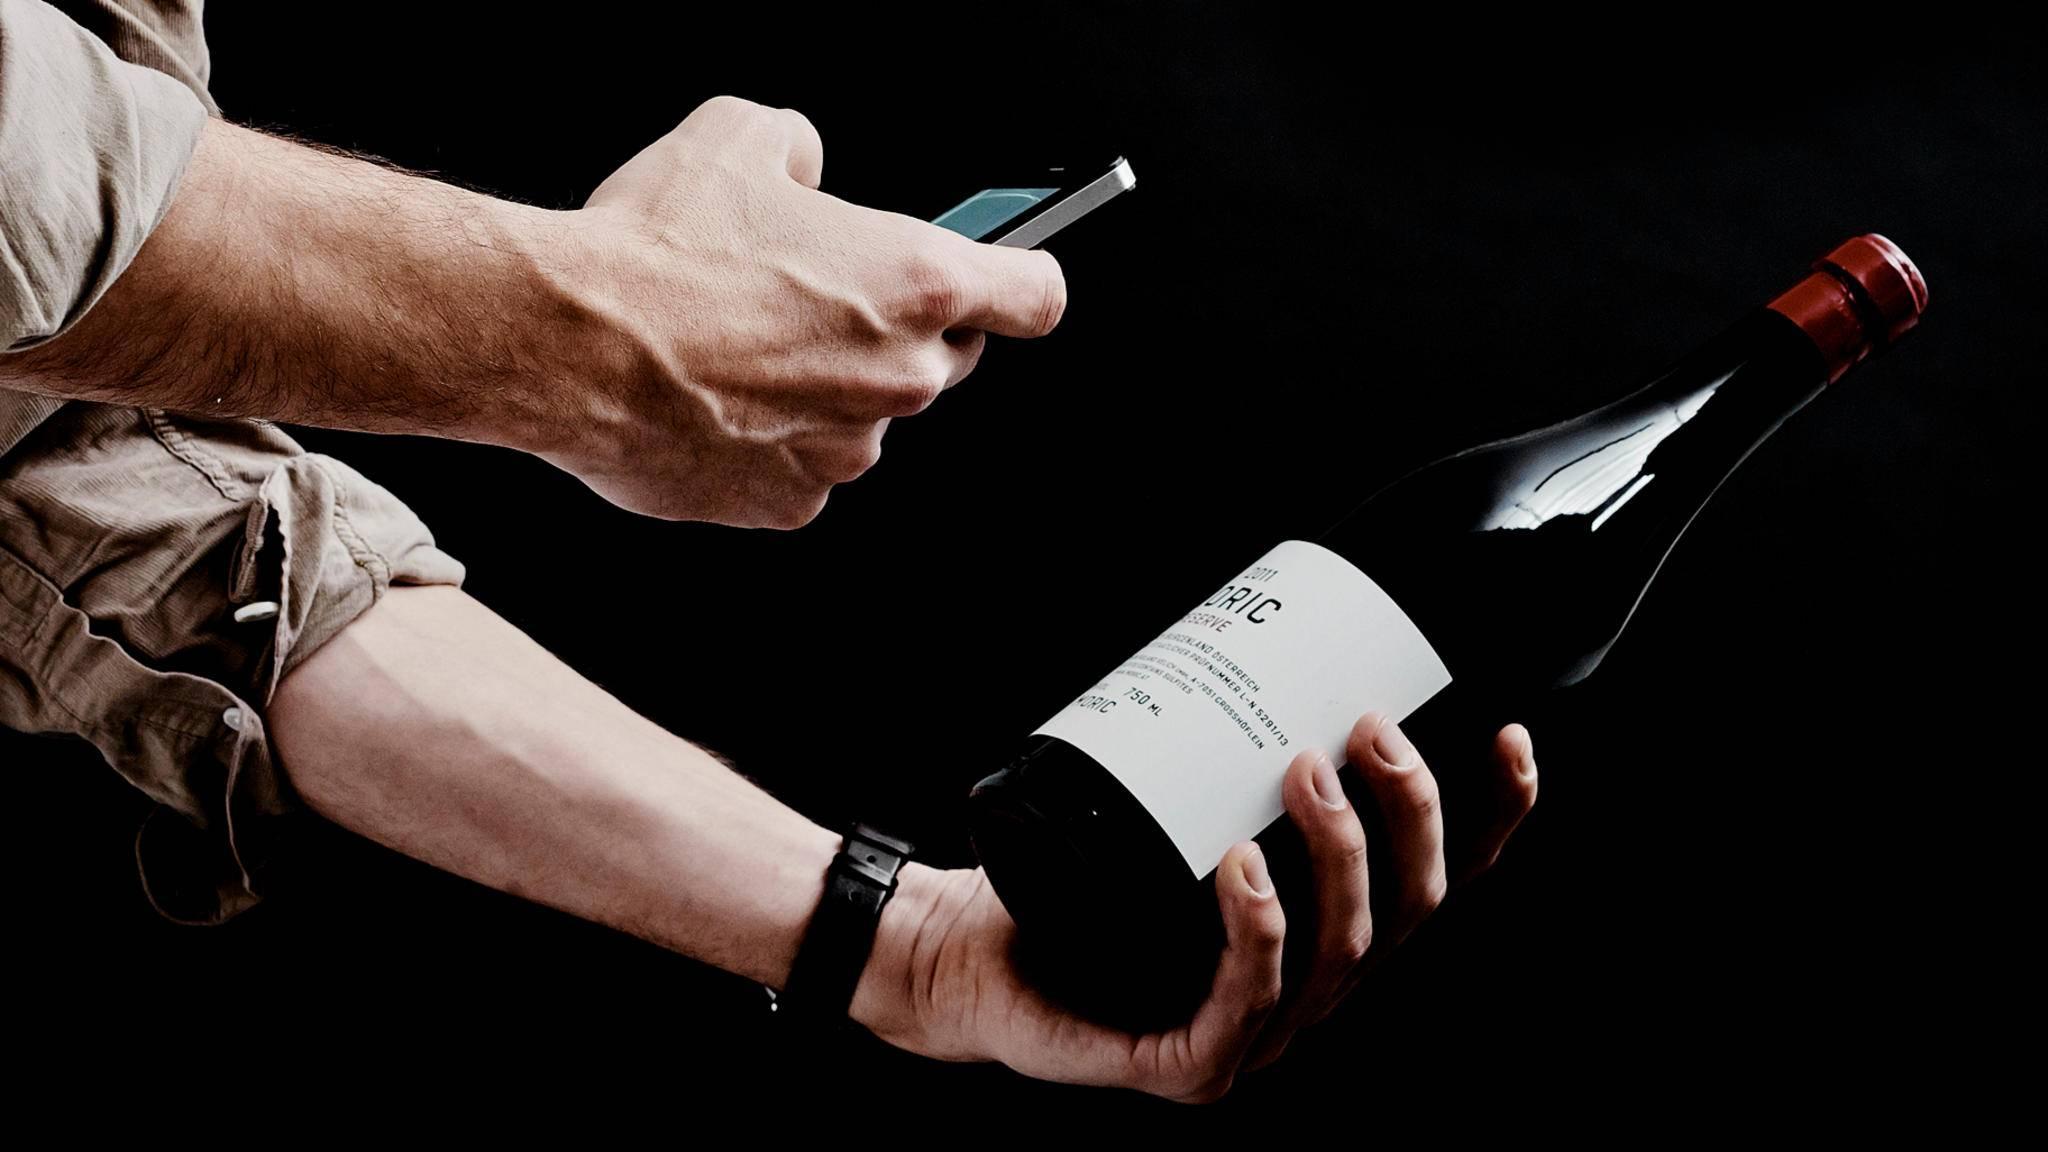 Weinliebhaber können mit Wein-Apps nicht nur Weinflaschen scannen, sondern auch gezielt ihre Vorlieben entwickeln.